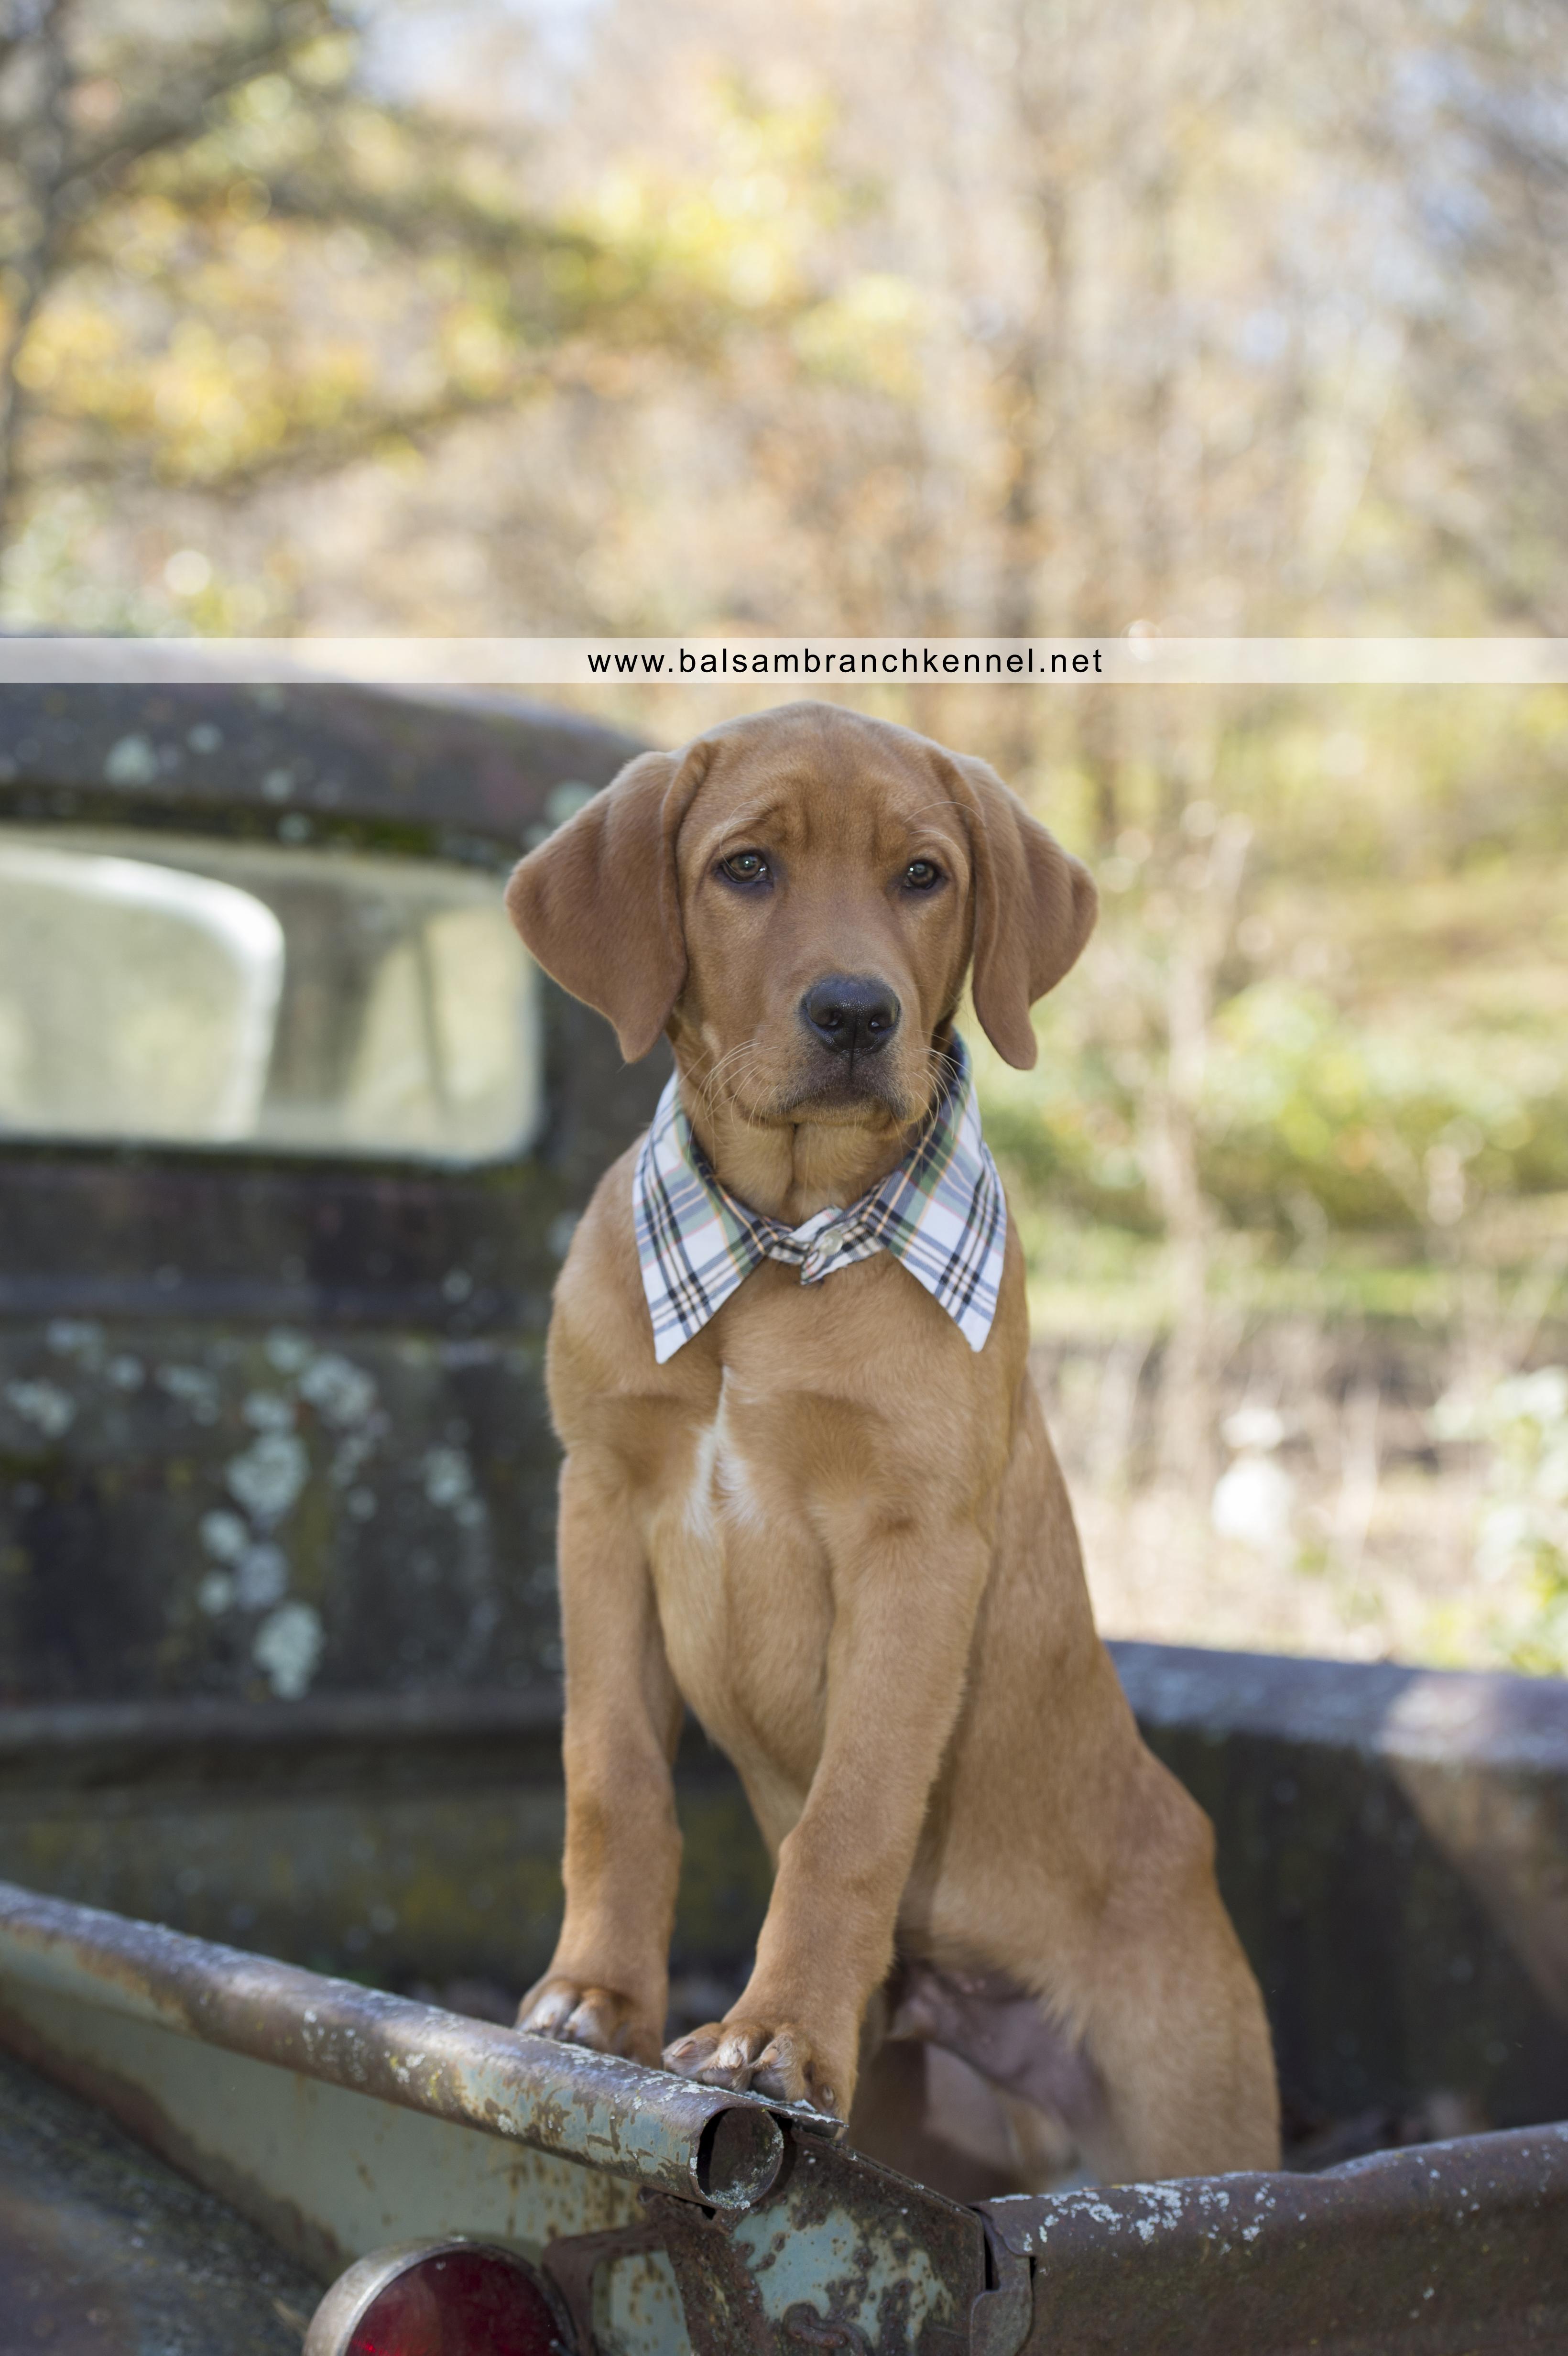 Teddy Fox Red Lab Puppy 4 Months Old Balsam Branch Kennel 3 Copy Balsam Branch Kennel